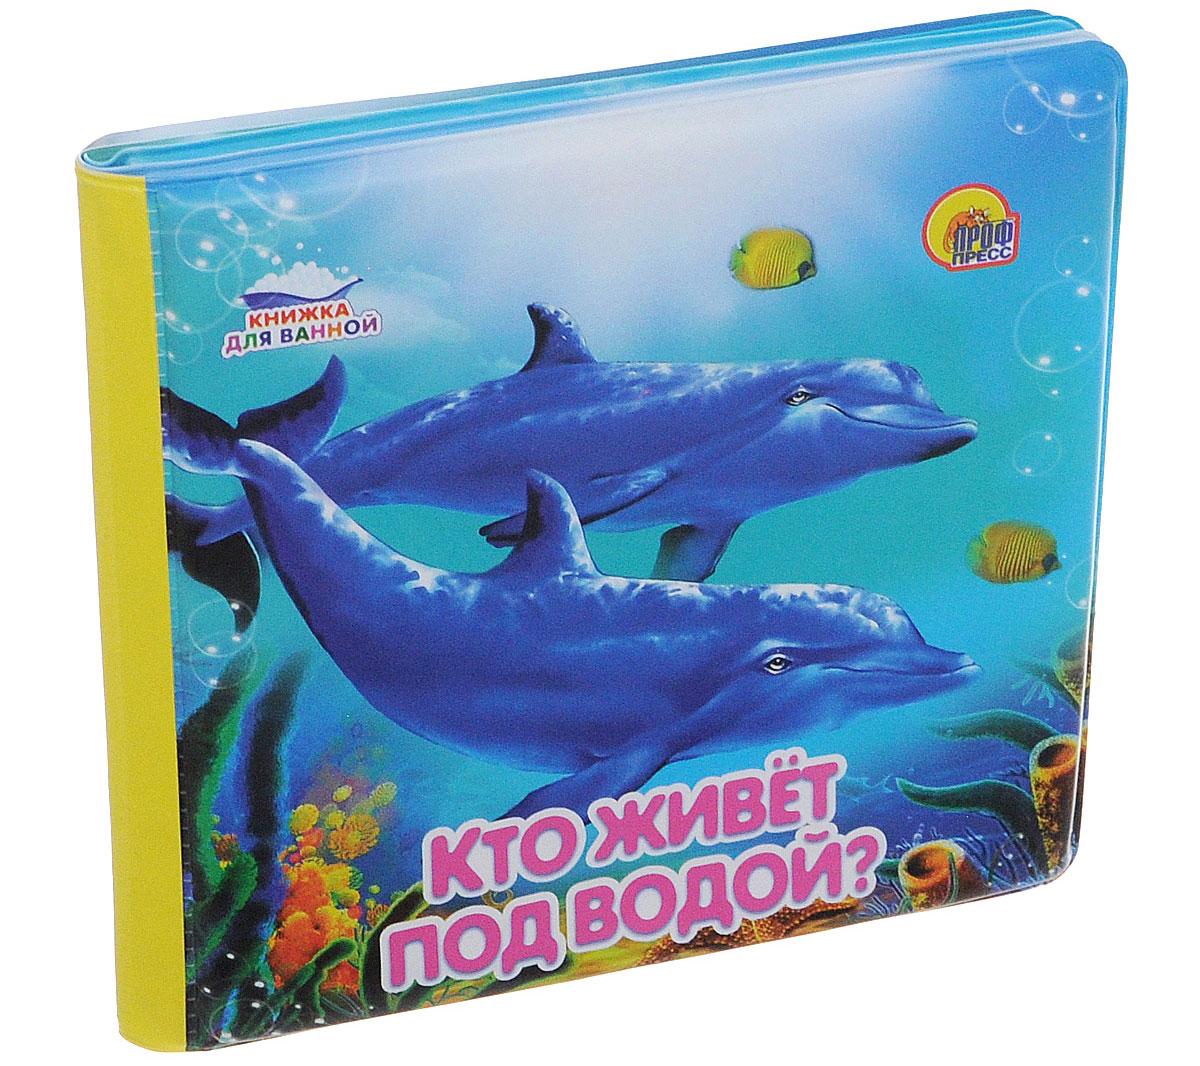 Проф-Пресс Книжка-игрушка для ванной Кто живет под водой?978-5-378-16585-8Книжка-игрушка для ванной Проф-Пресс Кто живет под водой? предназначена для самых маленьких читателей и превратит купание малыша в веселую развивающую игру. Книжка познакомит малыша с подводными обитателями - акулами, косатками, дельфинами. Яркие, красочные картинки станут отличным дополнением к познавательной информации. Книжка выполнена из безопасного, непромокаемого материала и легко моется, если испачкается. Благодаря мягкой и приятной на ощупь книжке малыш также будет развивать свои тактильные навыки.